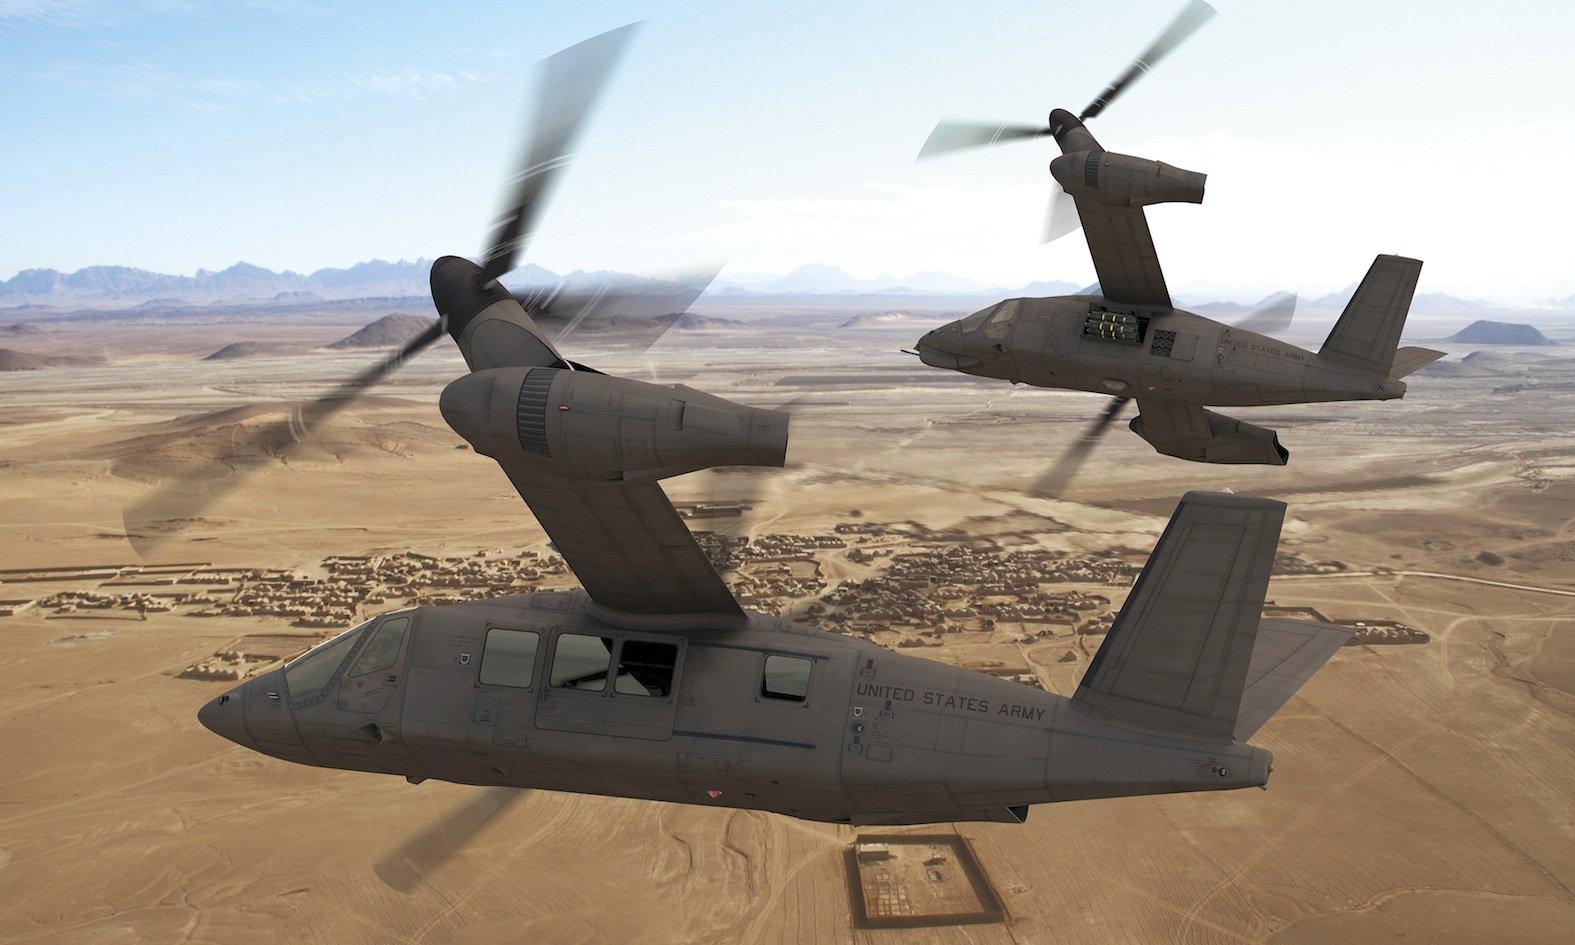 Bell Helicopter soll für die US Army einen Prototypen vom V-280 Valor bauen. Ab 2017 will das amerikanische Militär nach und nach alte Hubschrauber durch eine neue Generation ersetzen.